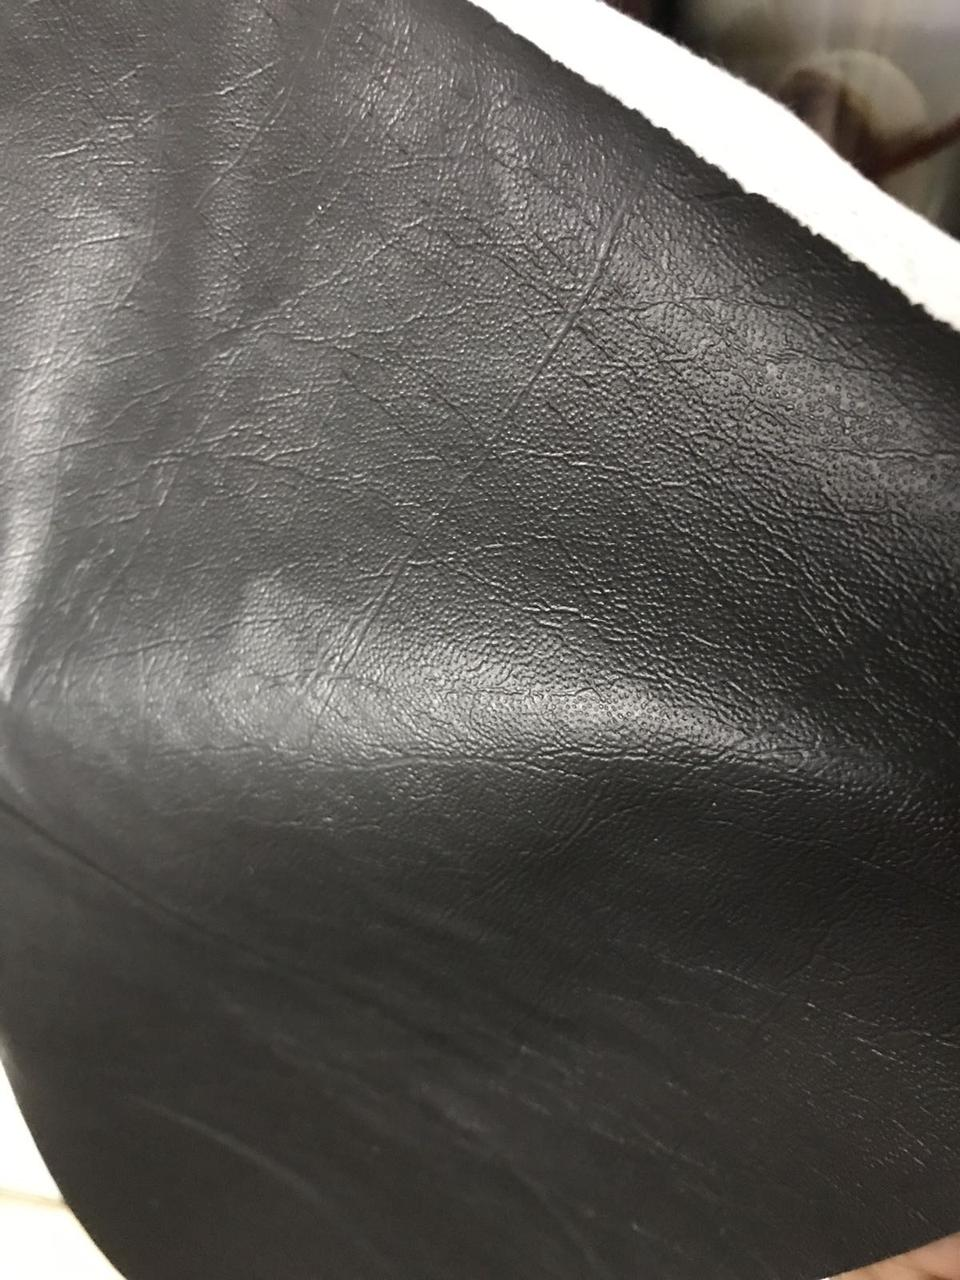 Дерматин(шкір.заступник) на метраж гладкий ширина 1м Чорний